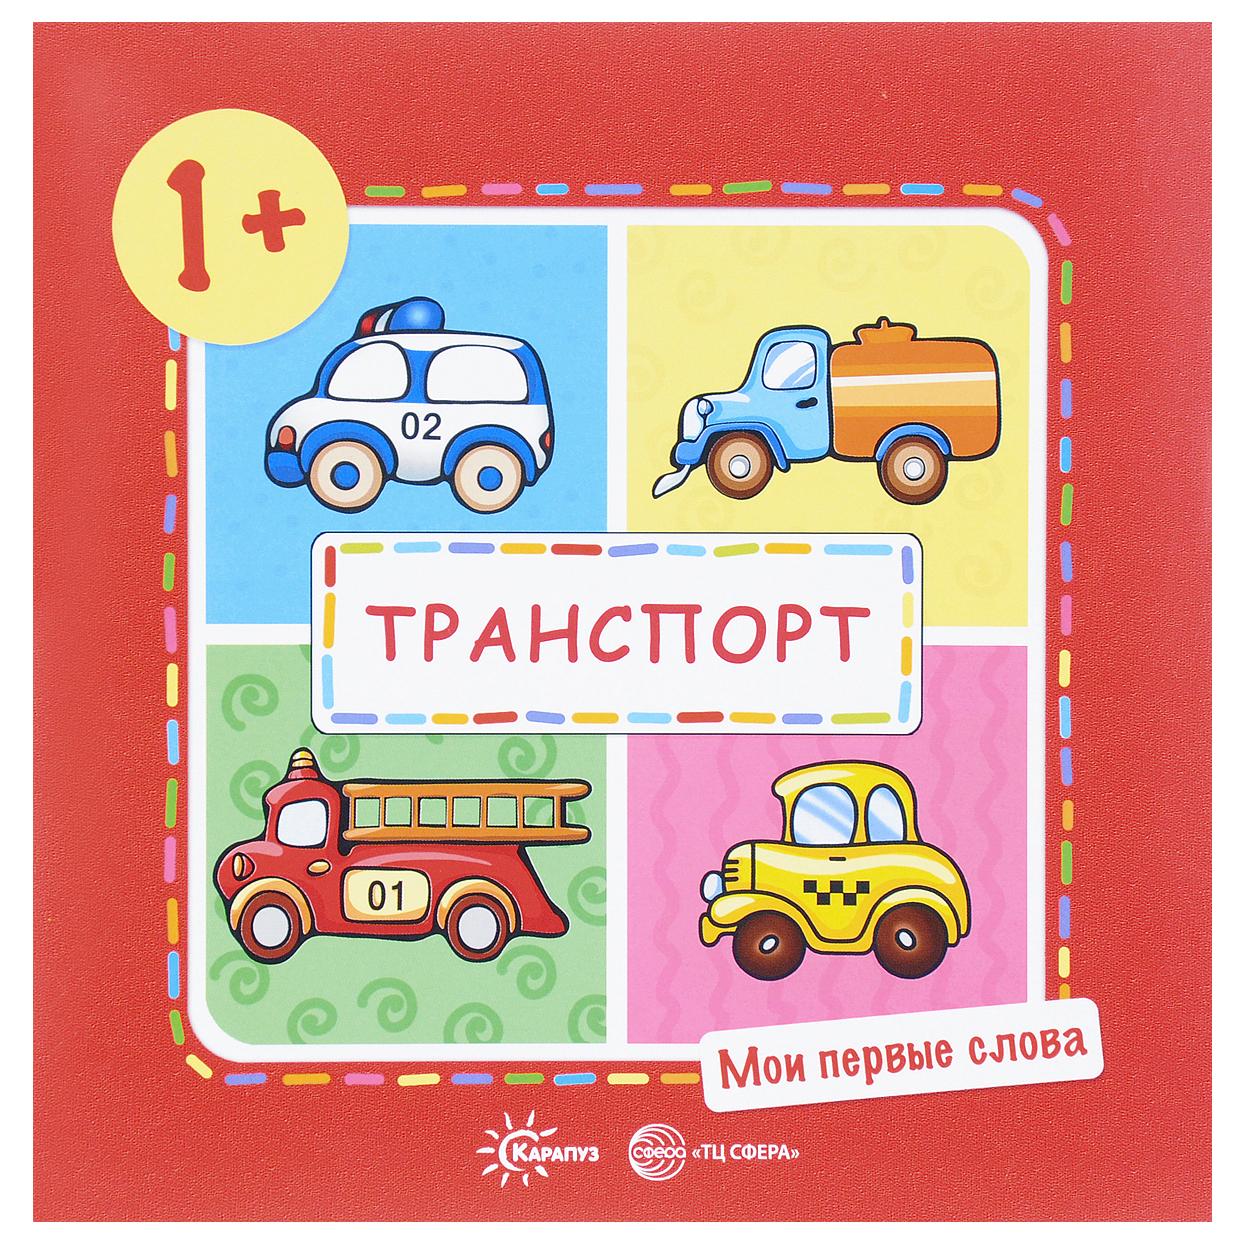 Фото - Комплект книг Мои первые слова для детей 1-3 лет 5 шт набор раскрасок 1 мои первые раскраски комплект из 12 книг